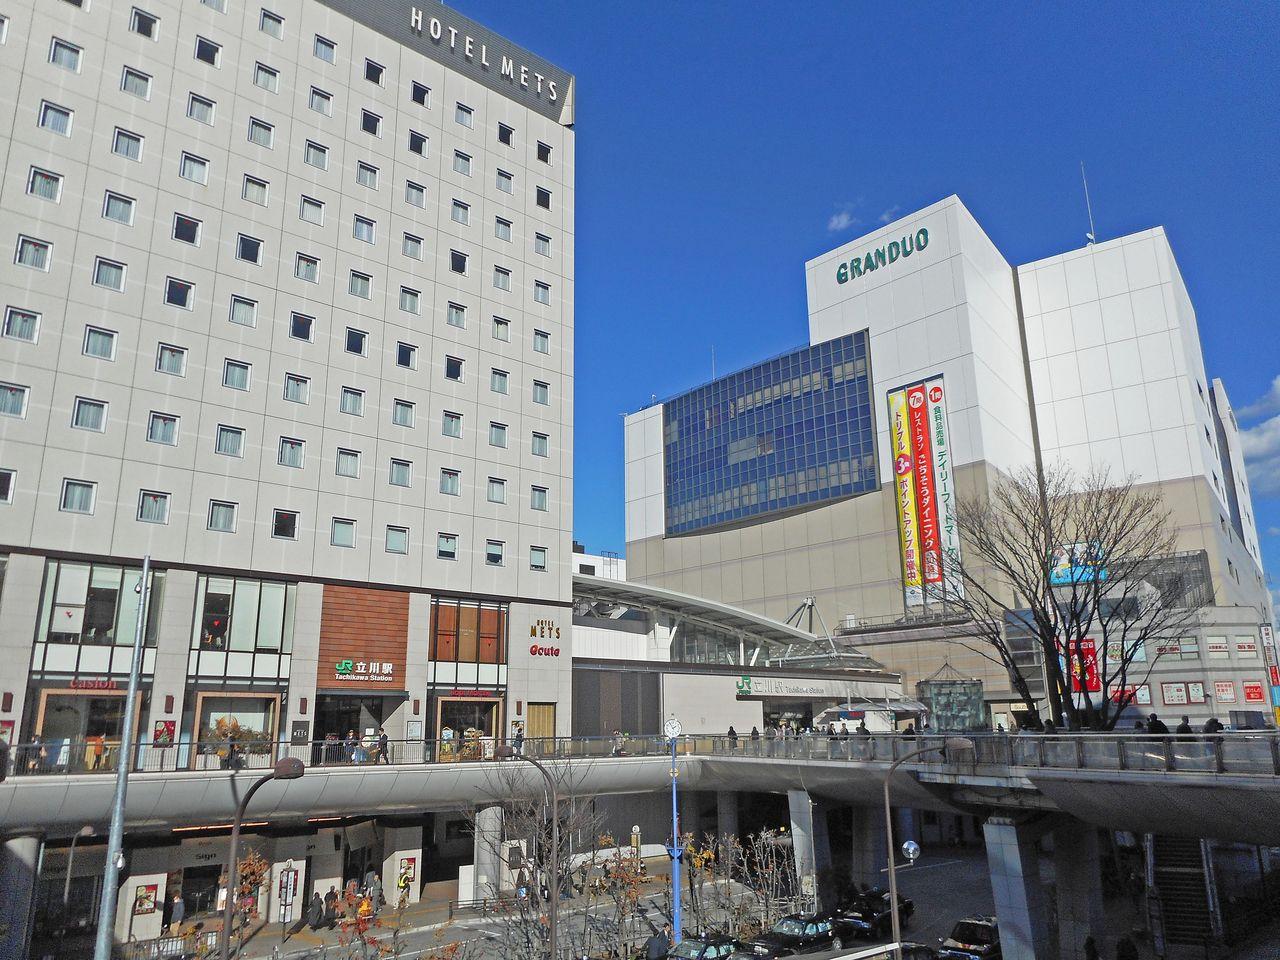 多摩地区のターミナル駅